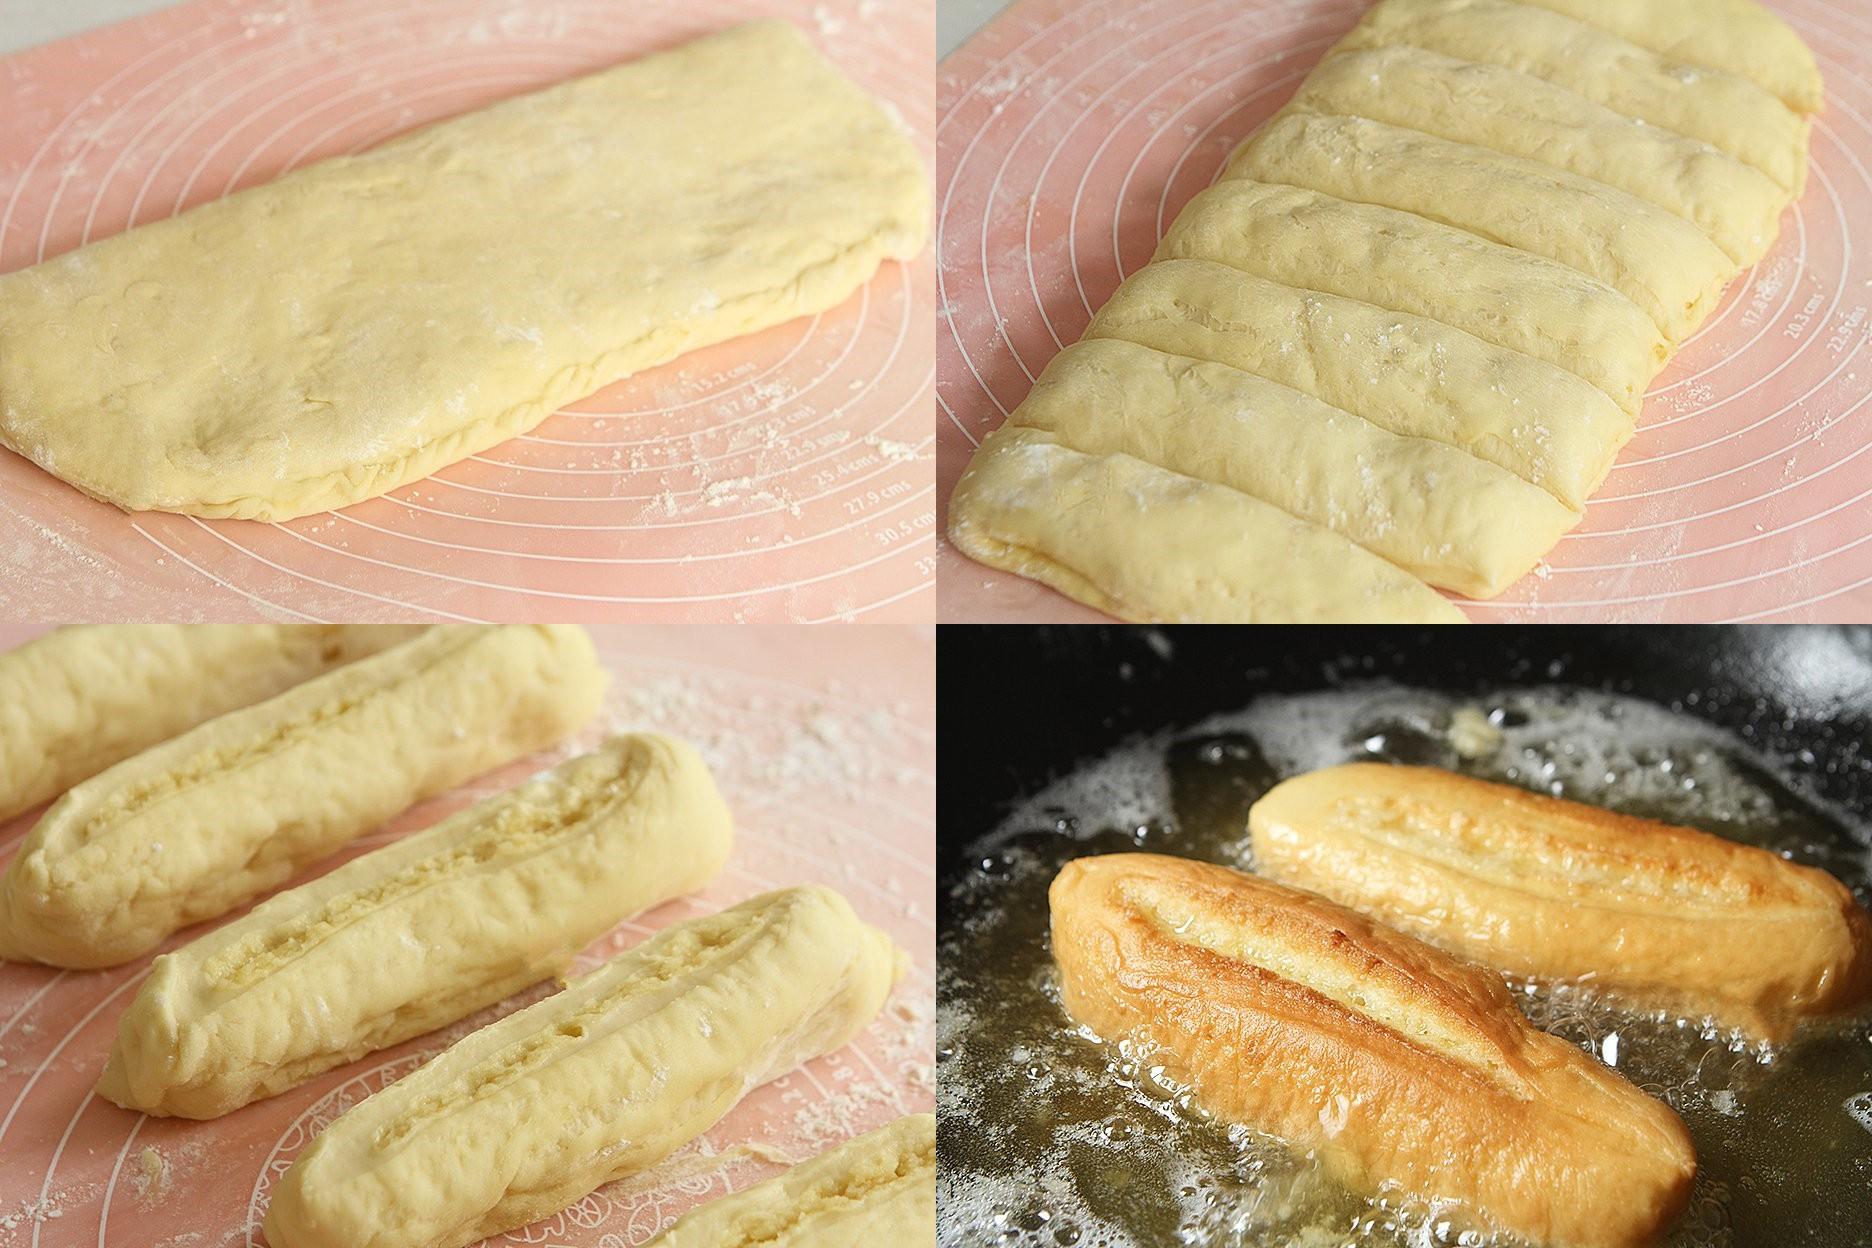 Ngạc nhiên chưa, không cần lò nướng cũng làm được bánh mì mềm ngon cực đỉnh các mẹ ơi! - Ảnh 3